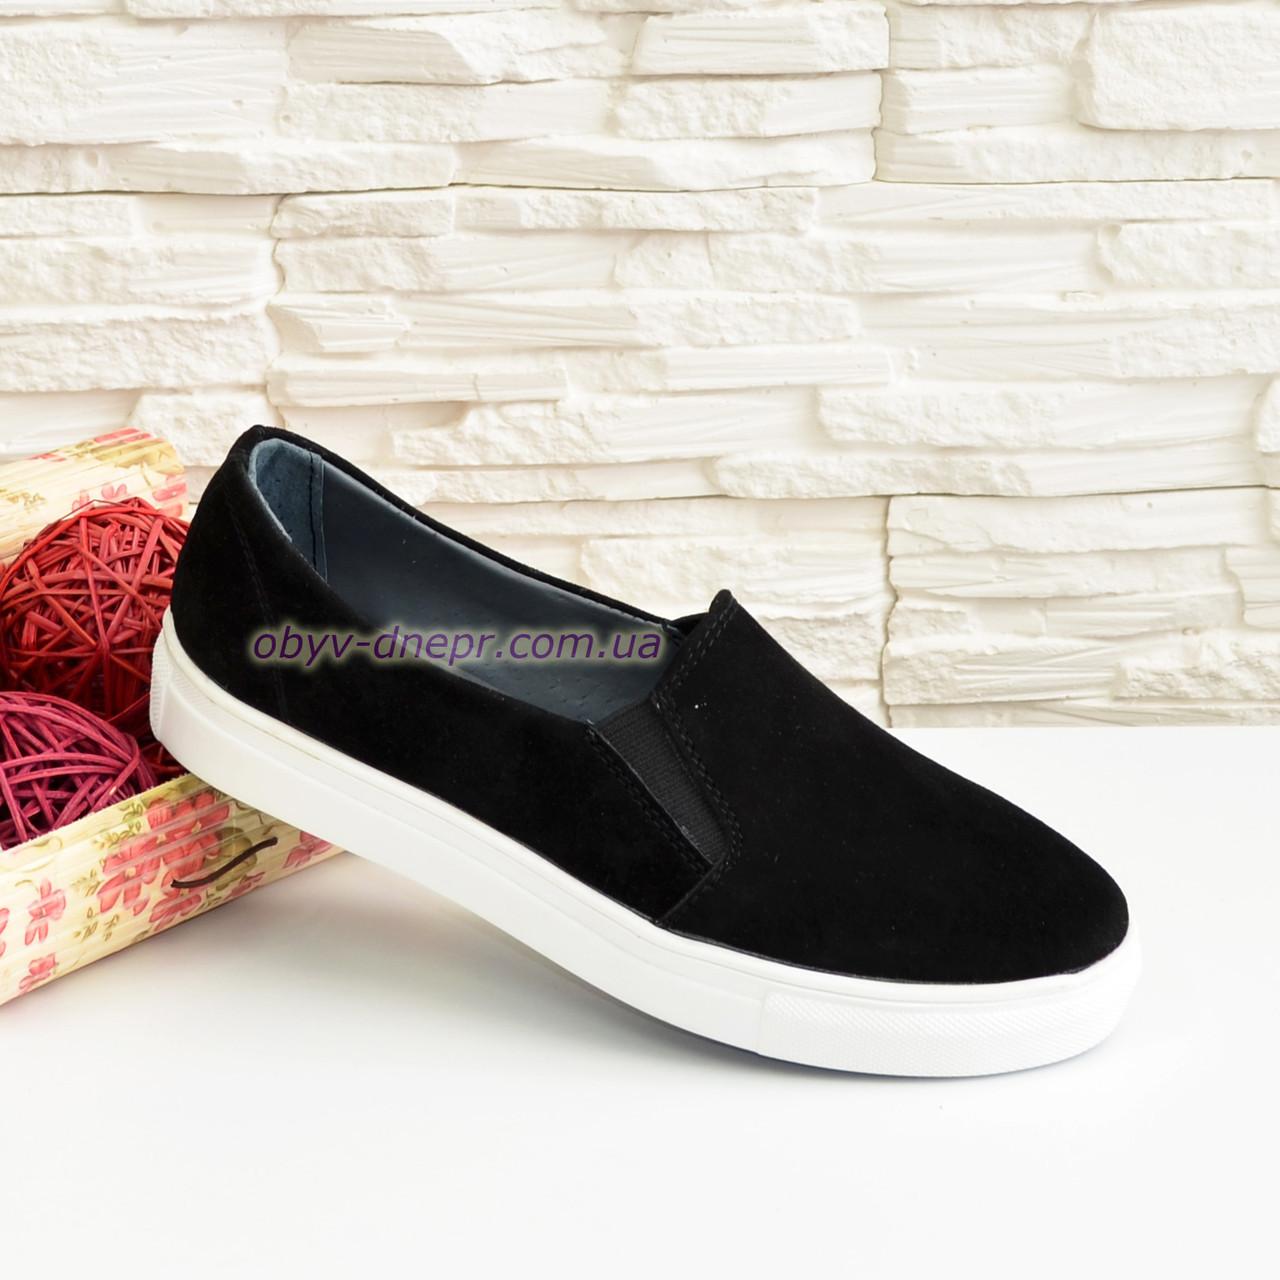 Туфли-мокасины замшевые черные женские на утолщенной белой подошве